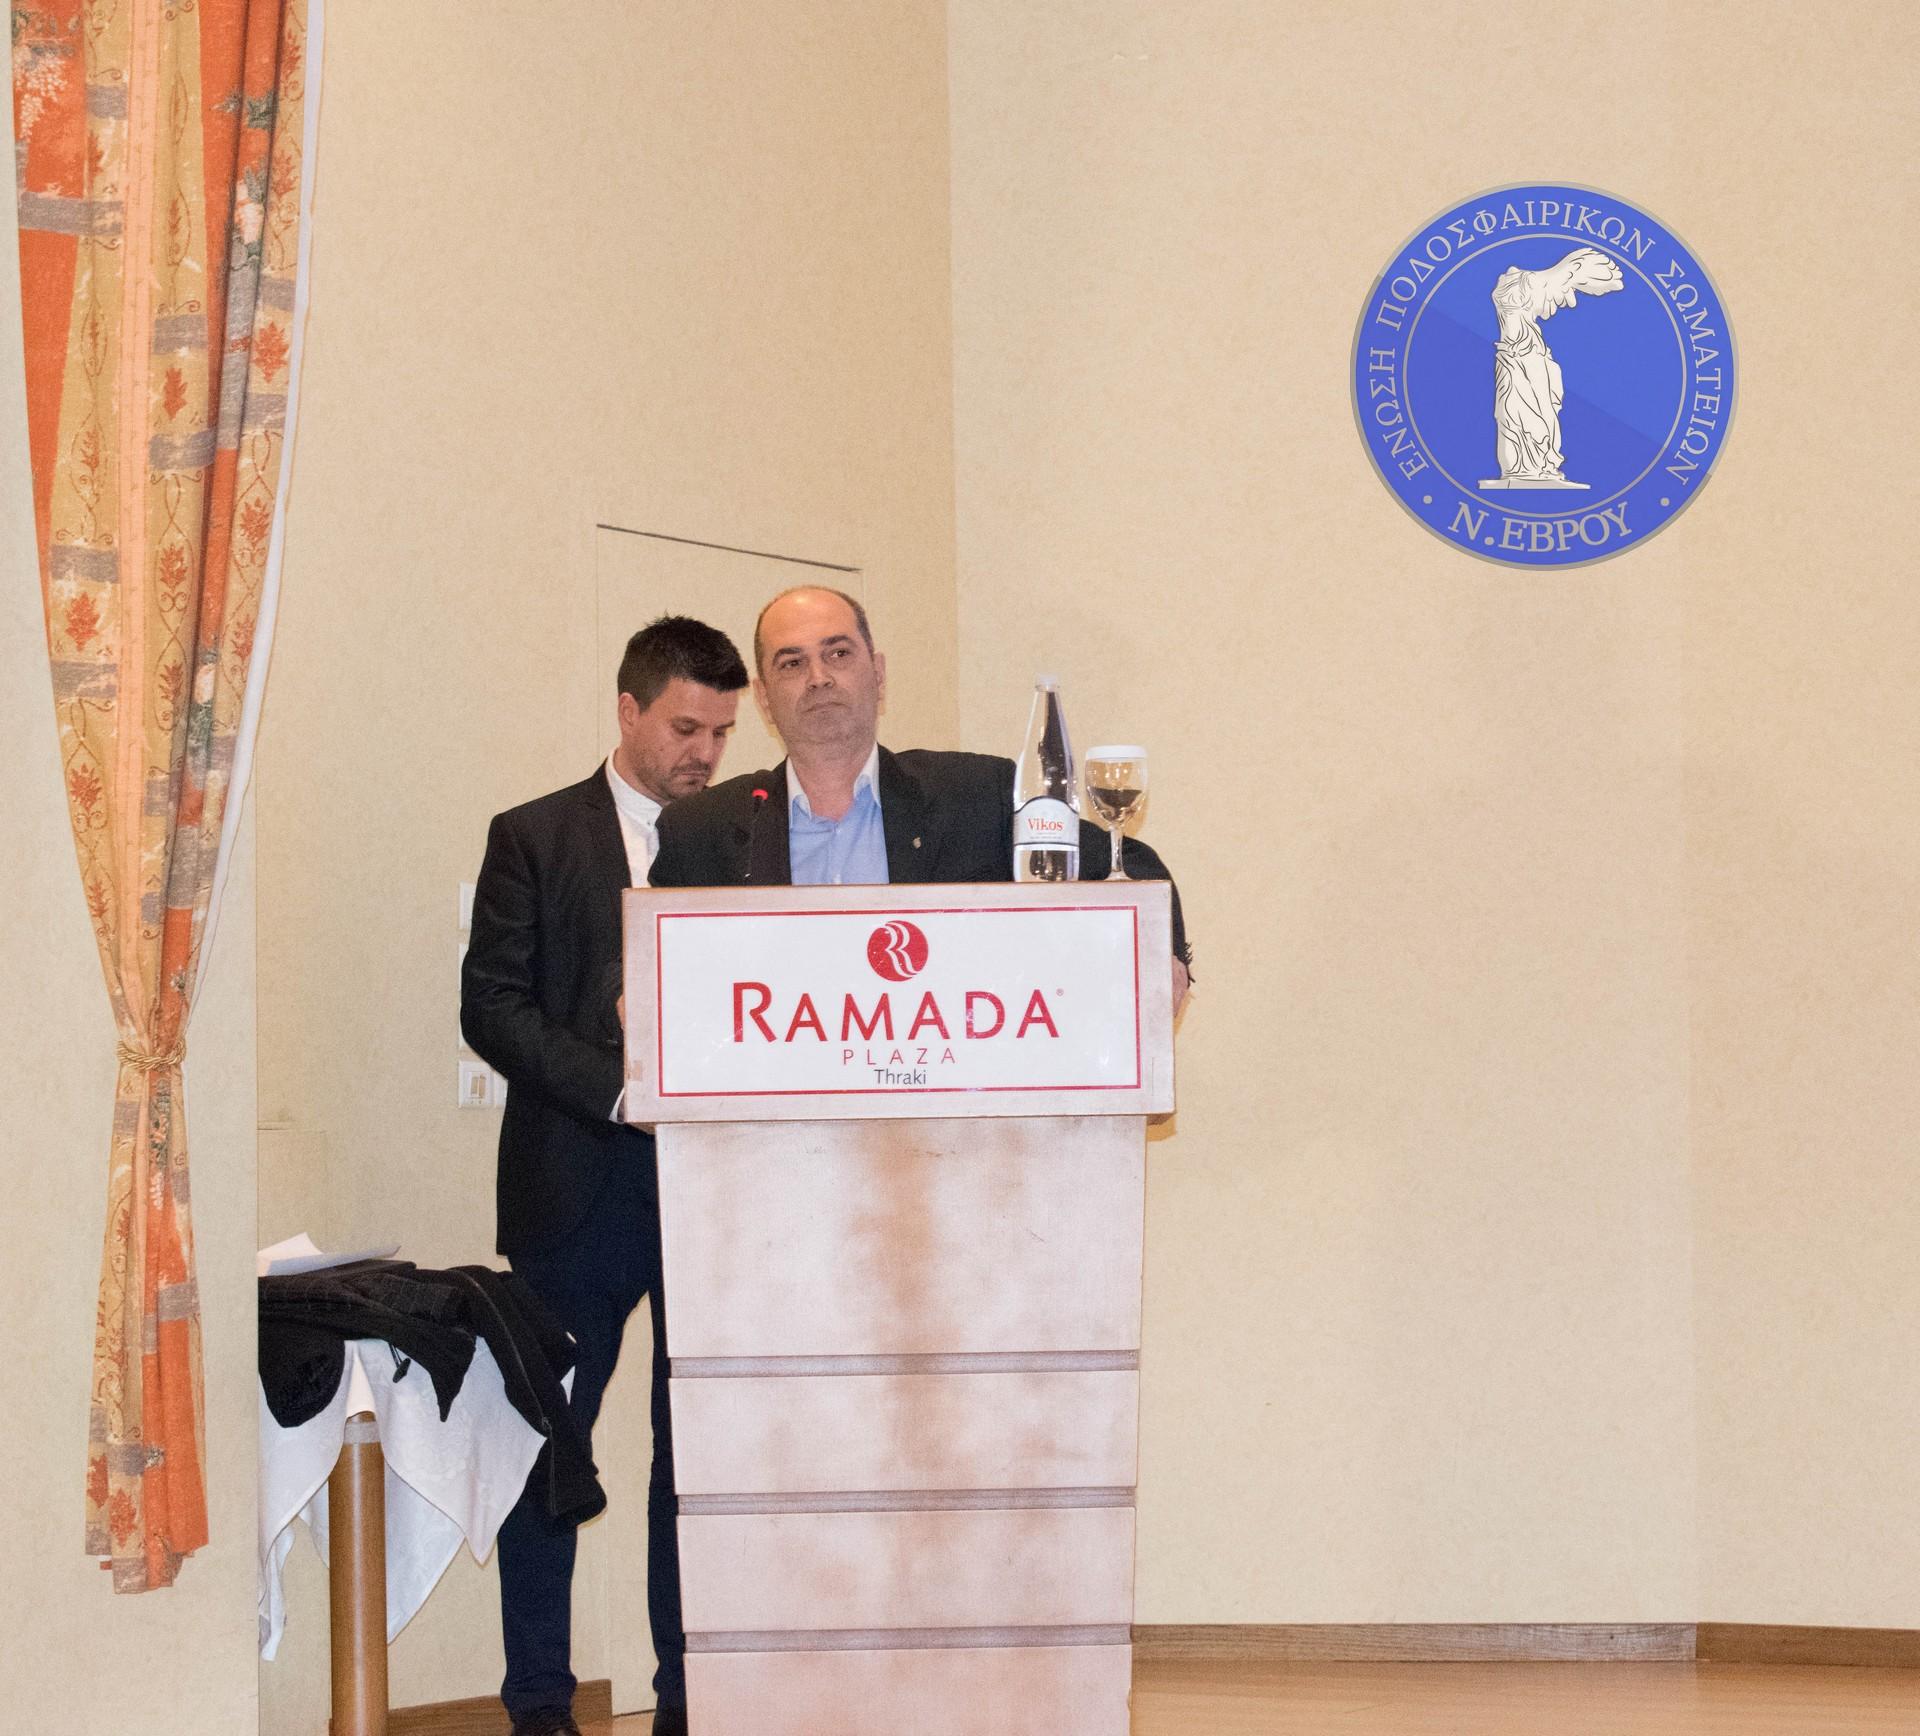 Πραγματοποιήθηκε η Γενική Συνέλευση – Κοπή Βασιλόπιτας της ΕΠΣ Έβρου